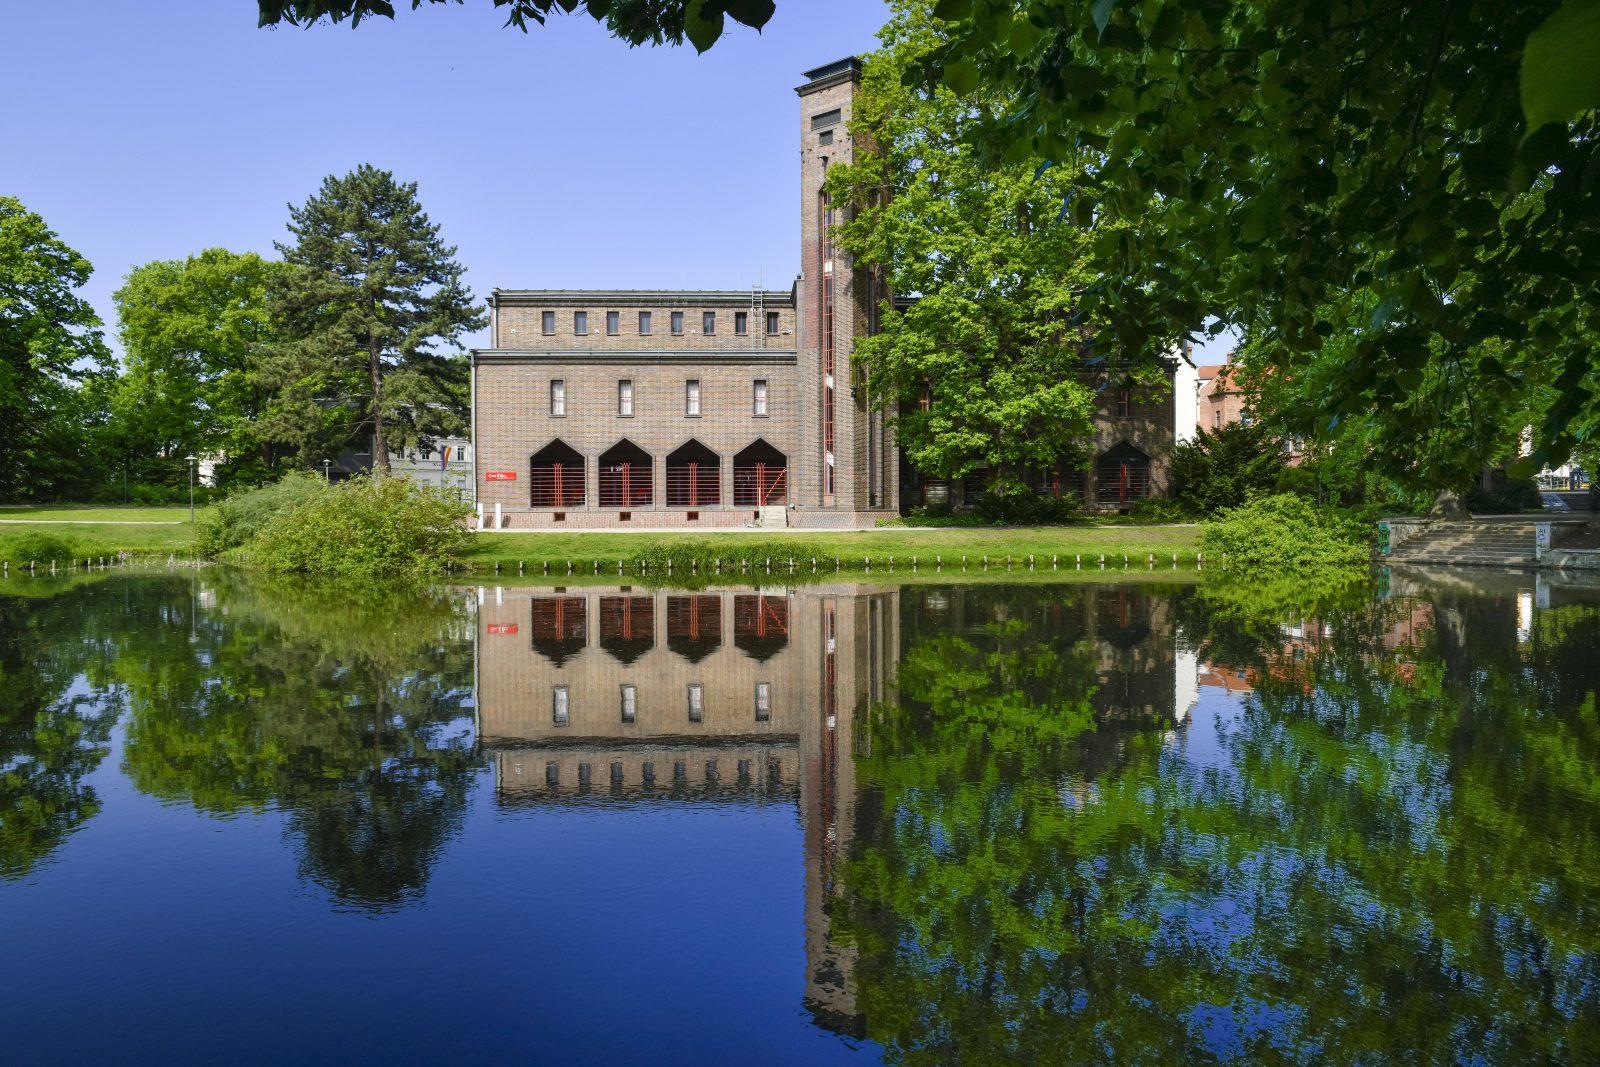 Bei einem Ausflug solltet ihr euch das ehemalige Dieselkraftwerk in Cottbus ansehen, das heute zu einem Museumskomplex gehört. Foto: Imago/Schöning